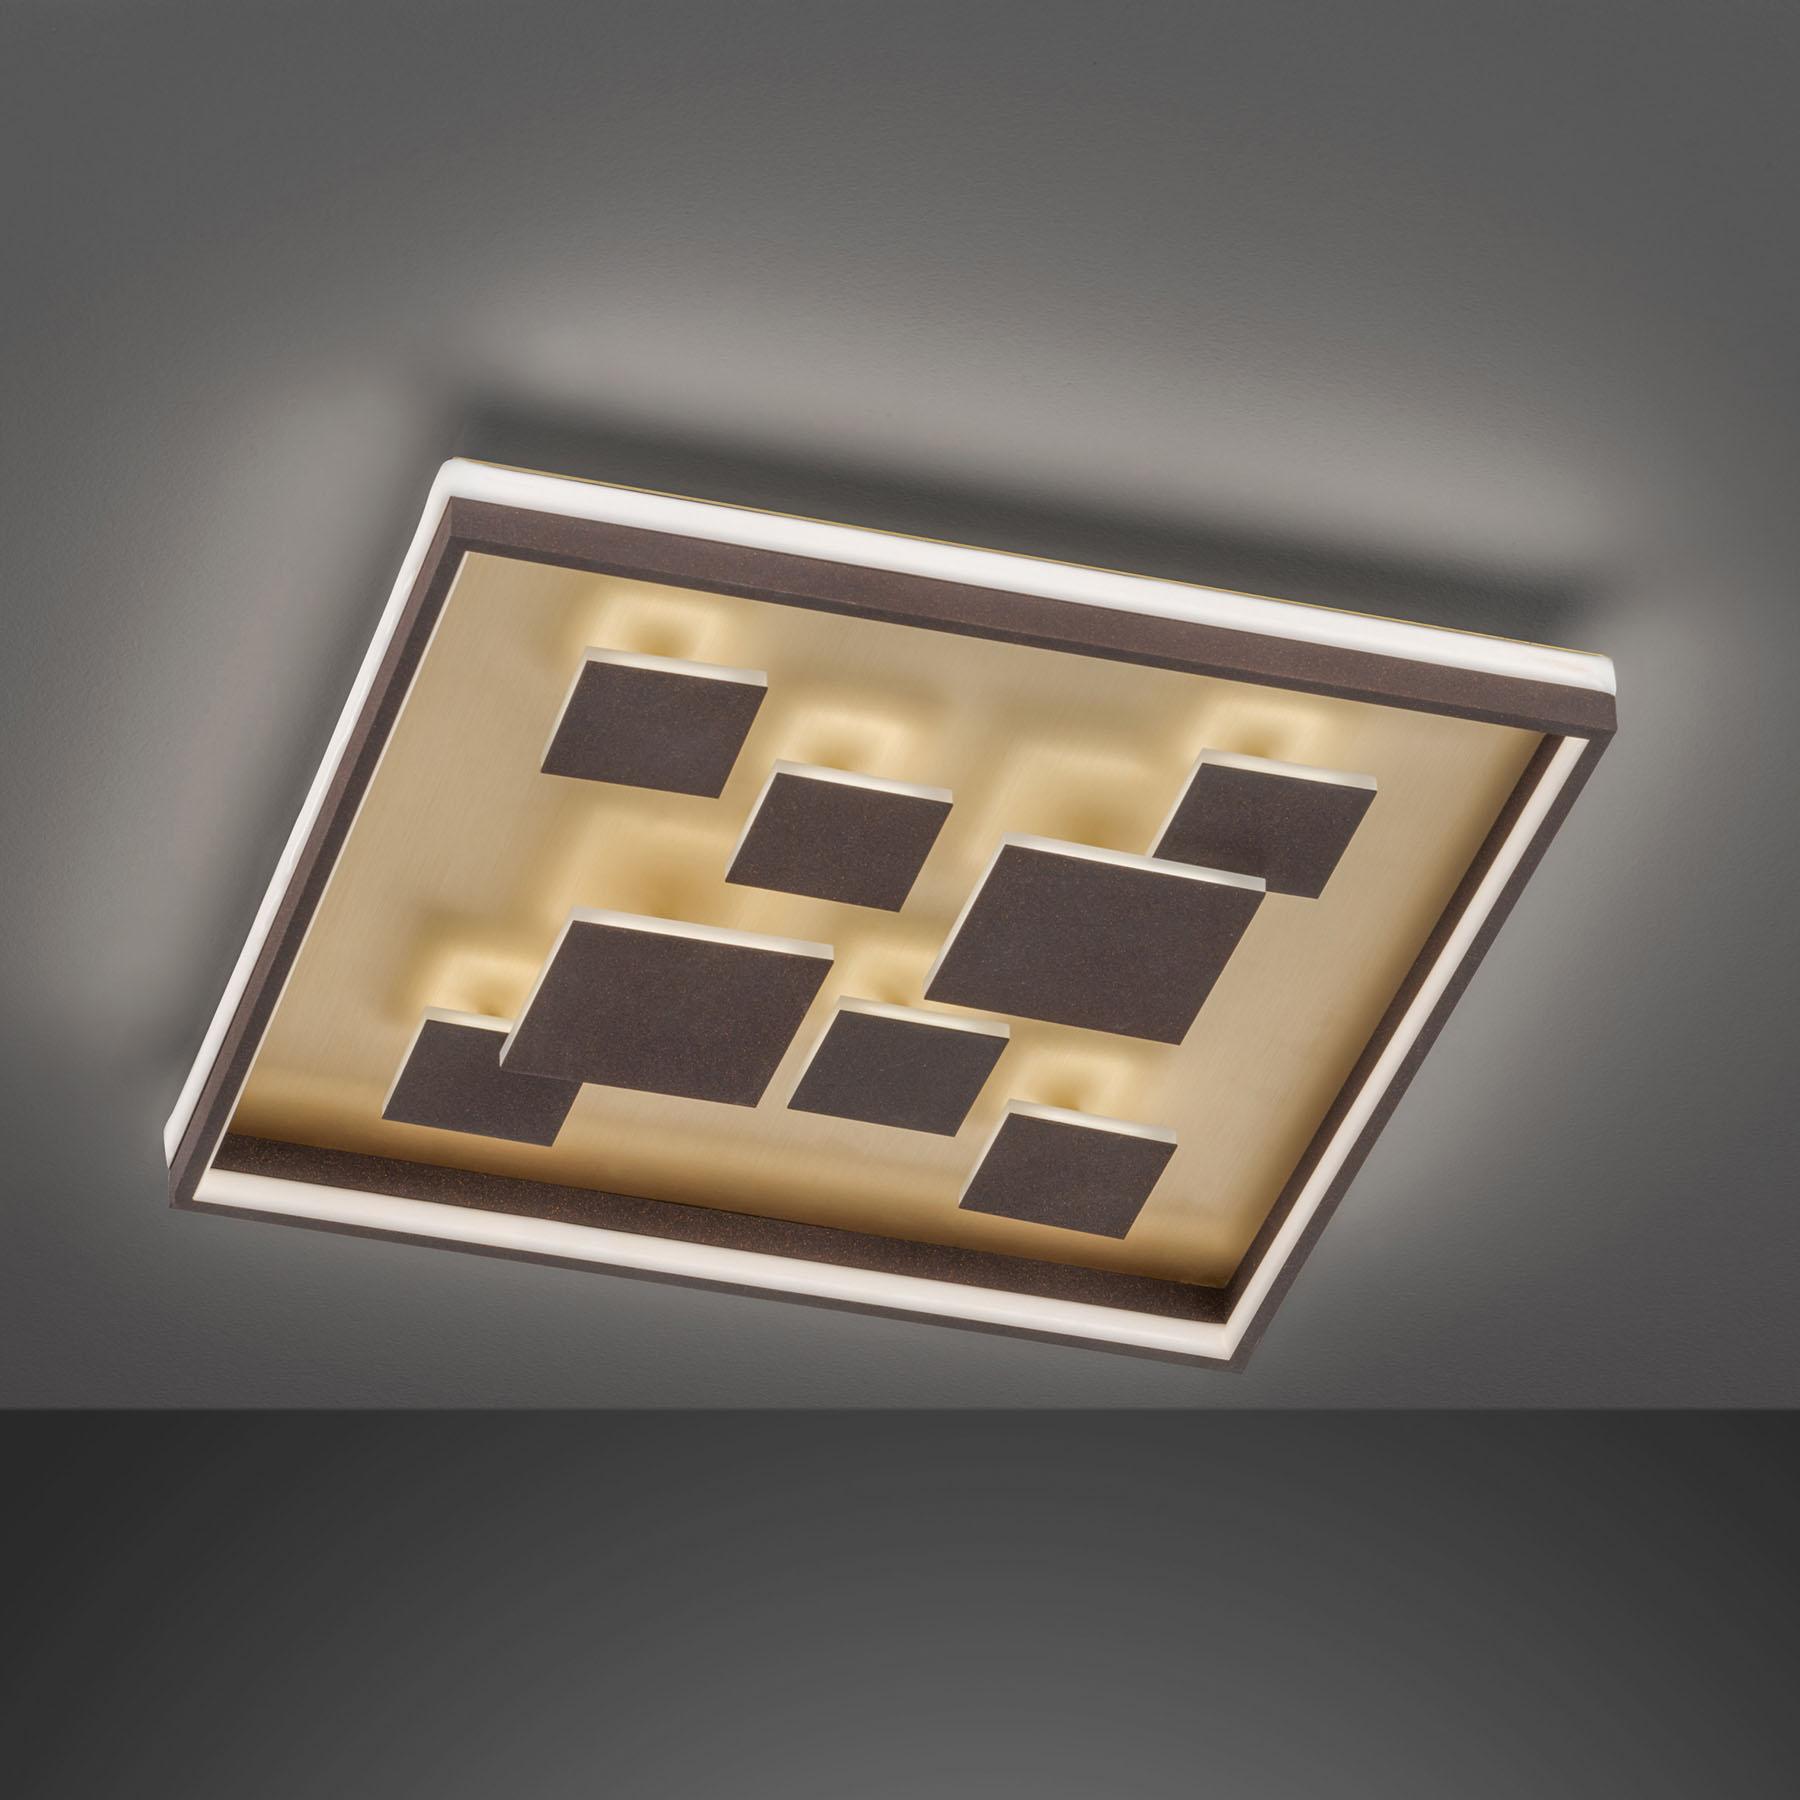 Lampa sufitowa LED Rico ściemniana kątowa, brązowa